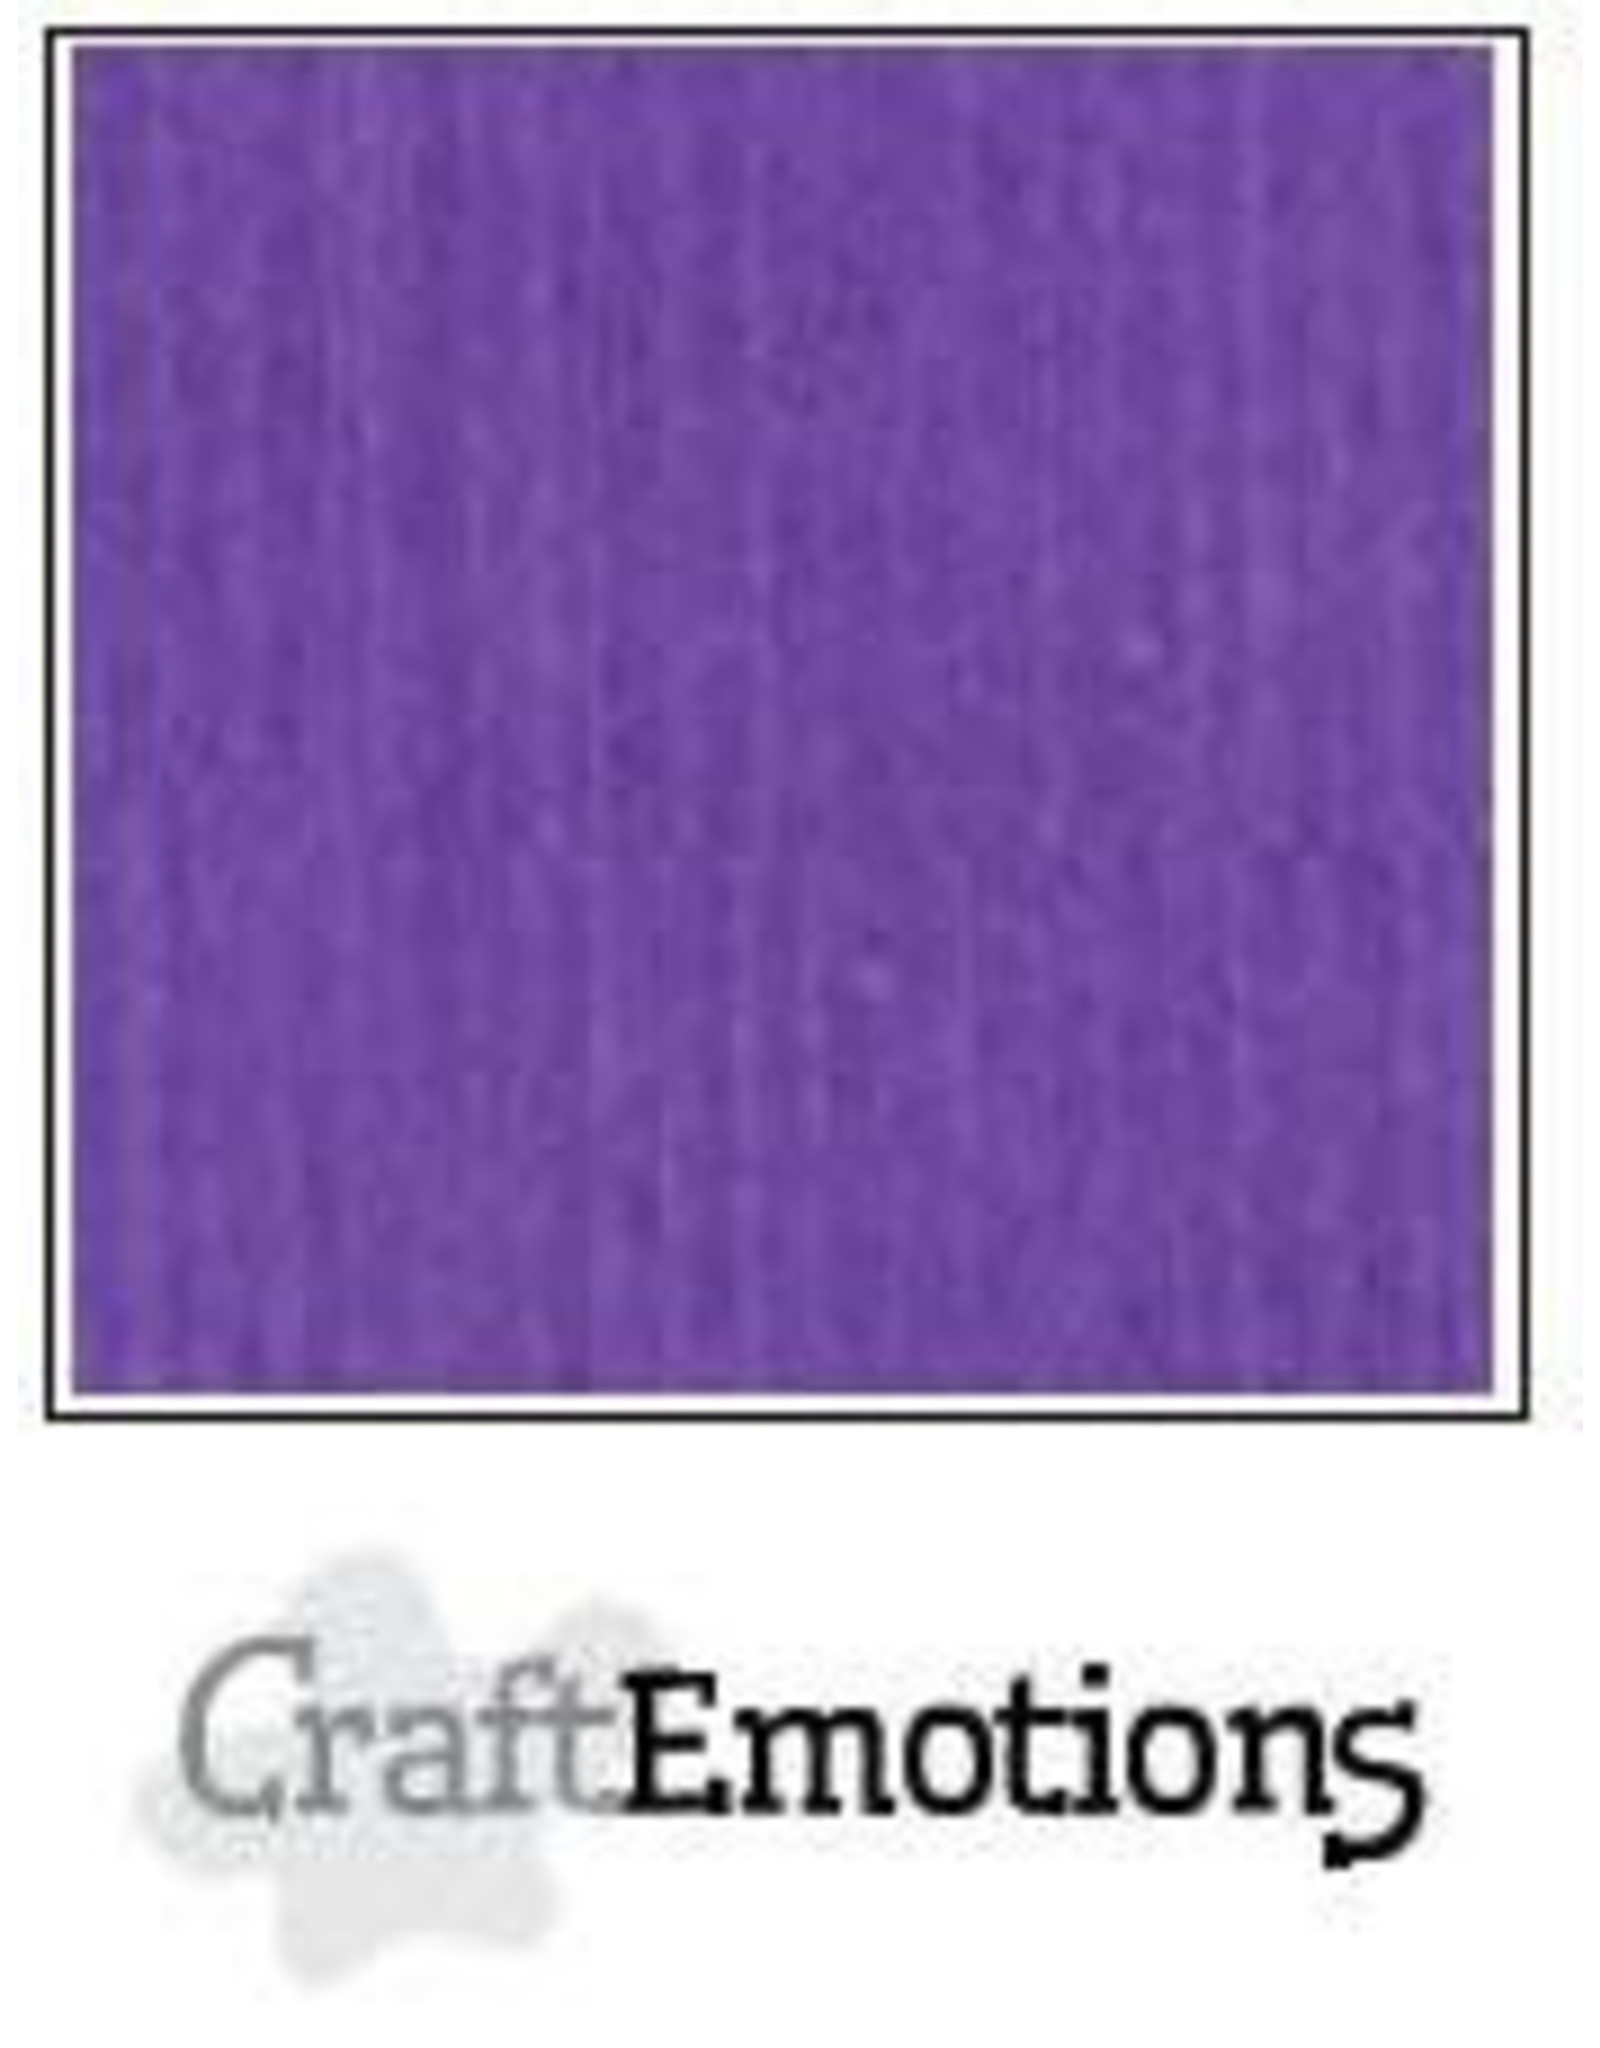 Craft Emotions CraftEmotions linnenkarton  Purperviolet 30,0x30,0cm